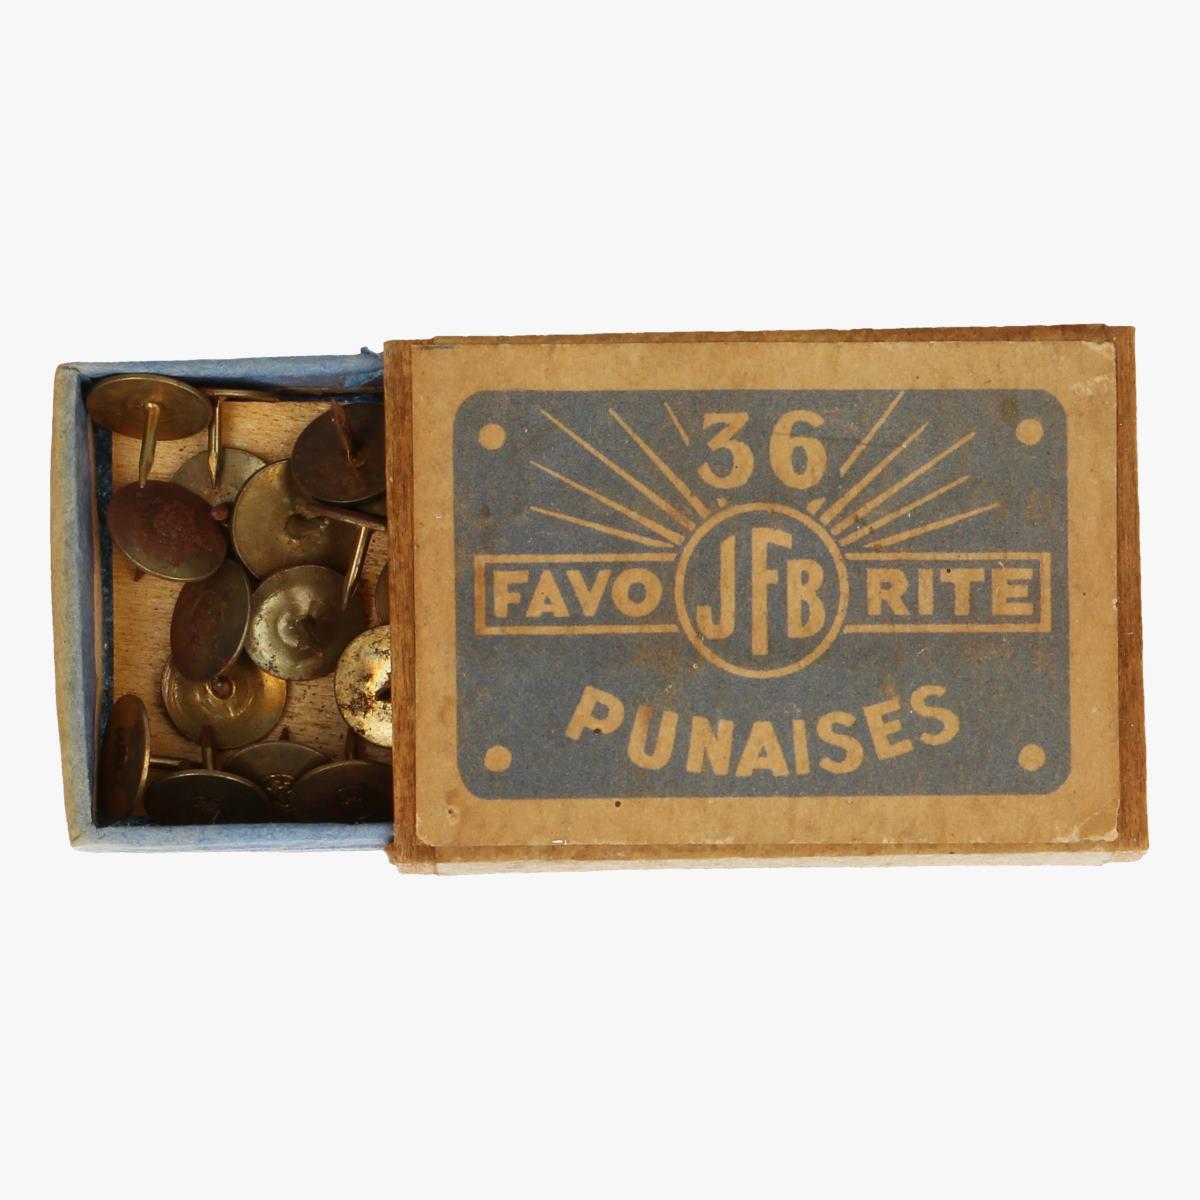 Afbeeldingen van oude doosje punaises jfb